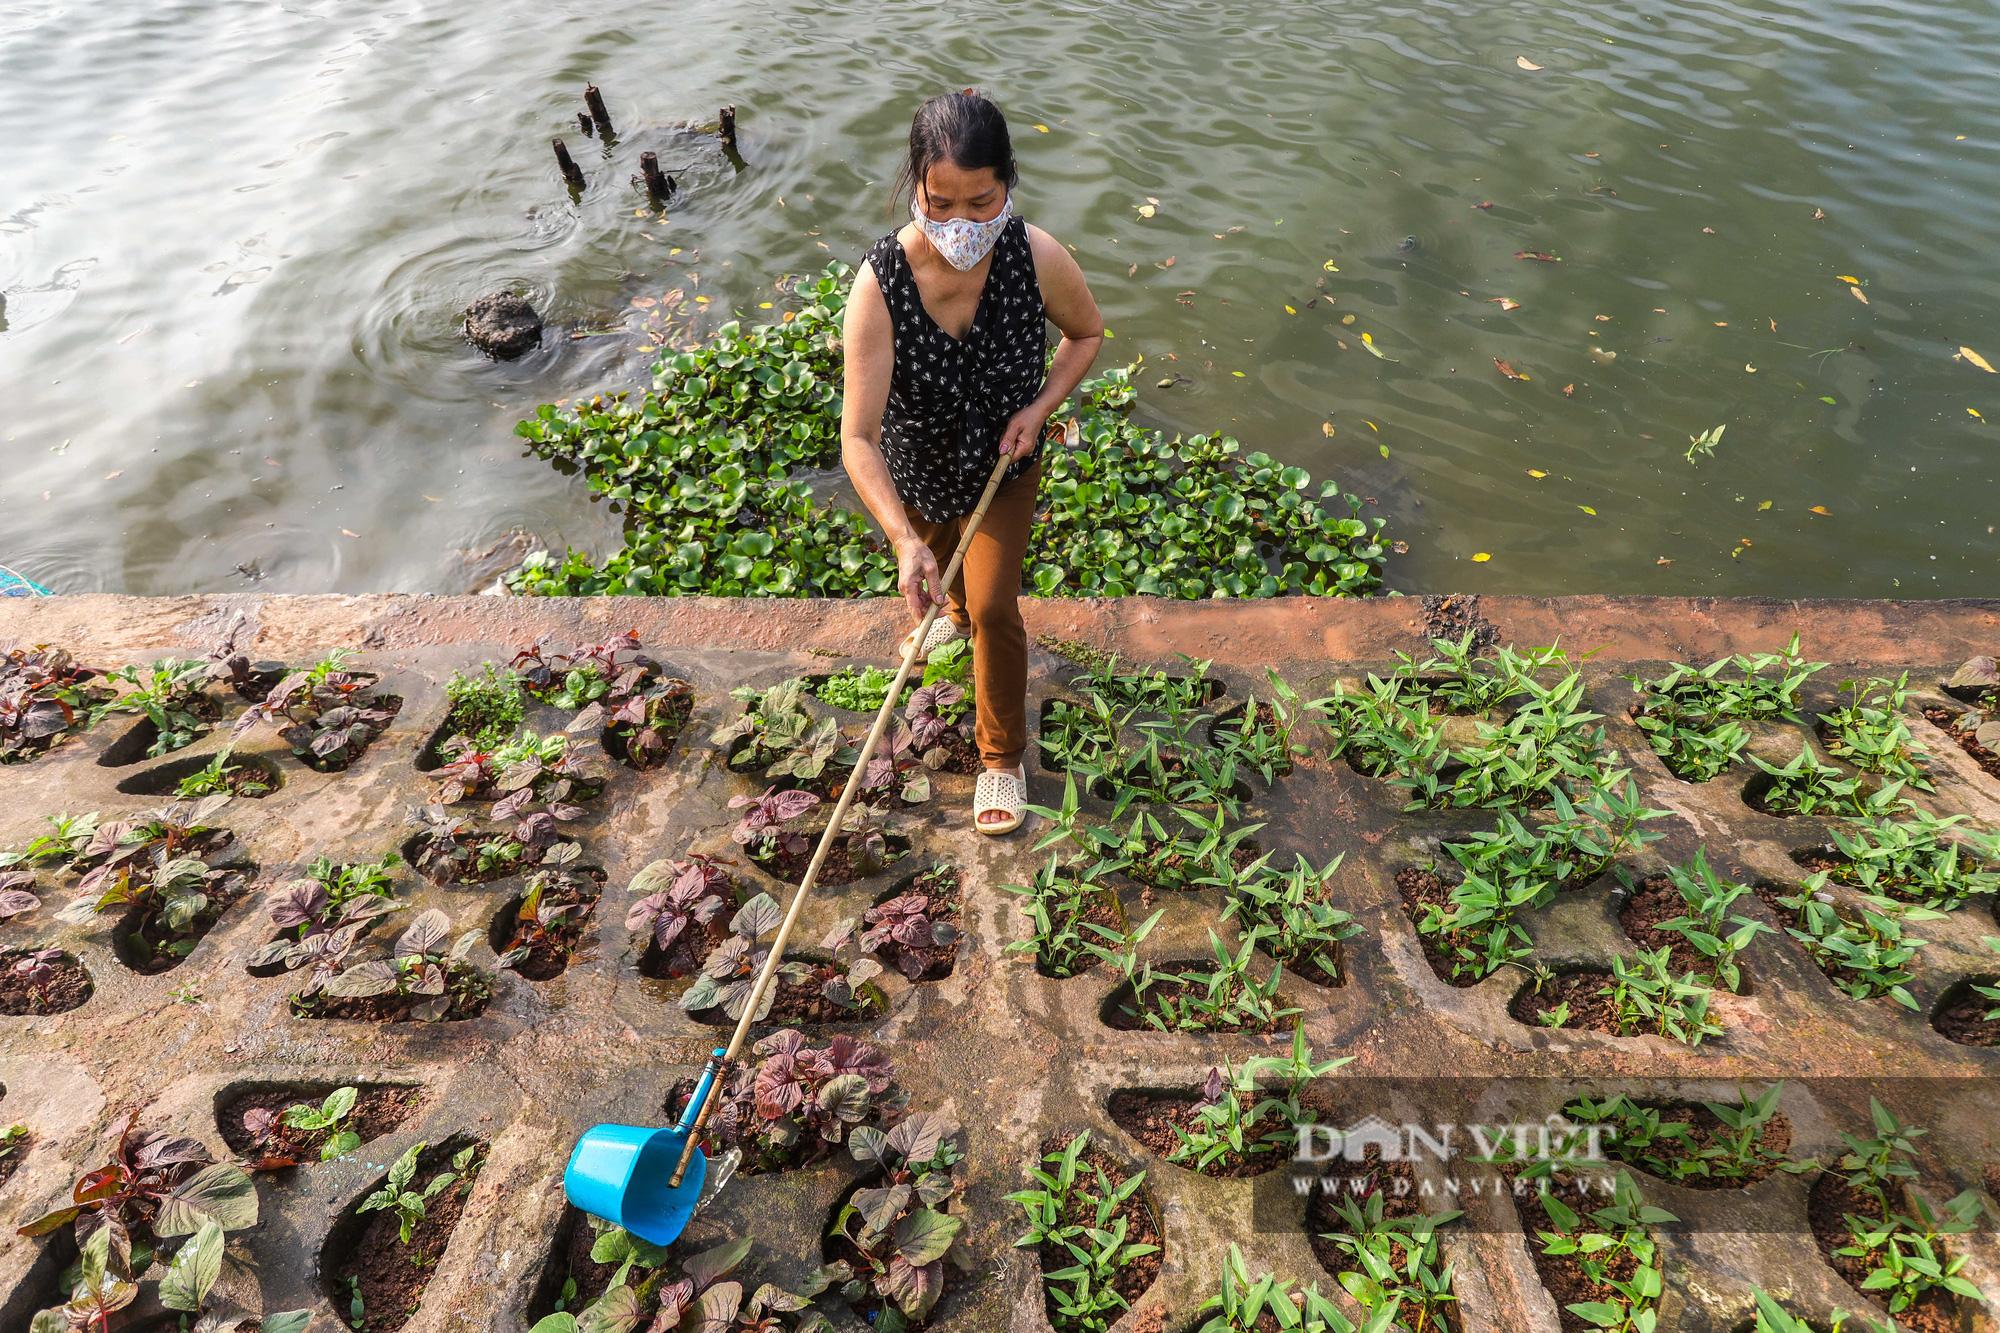 Độc đáo mô hình trồng rau hốc đá ven hồ ở Hà Nội - Ảnh 2.